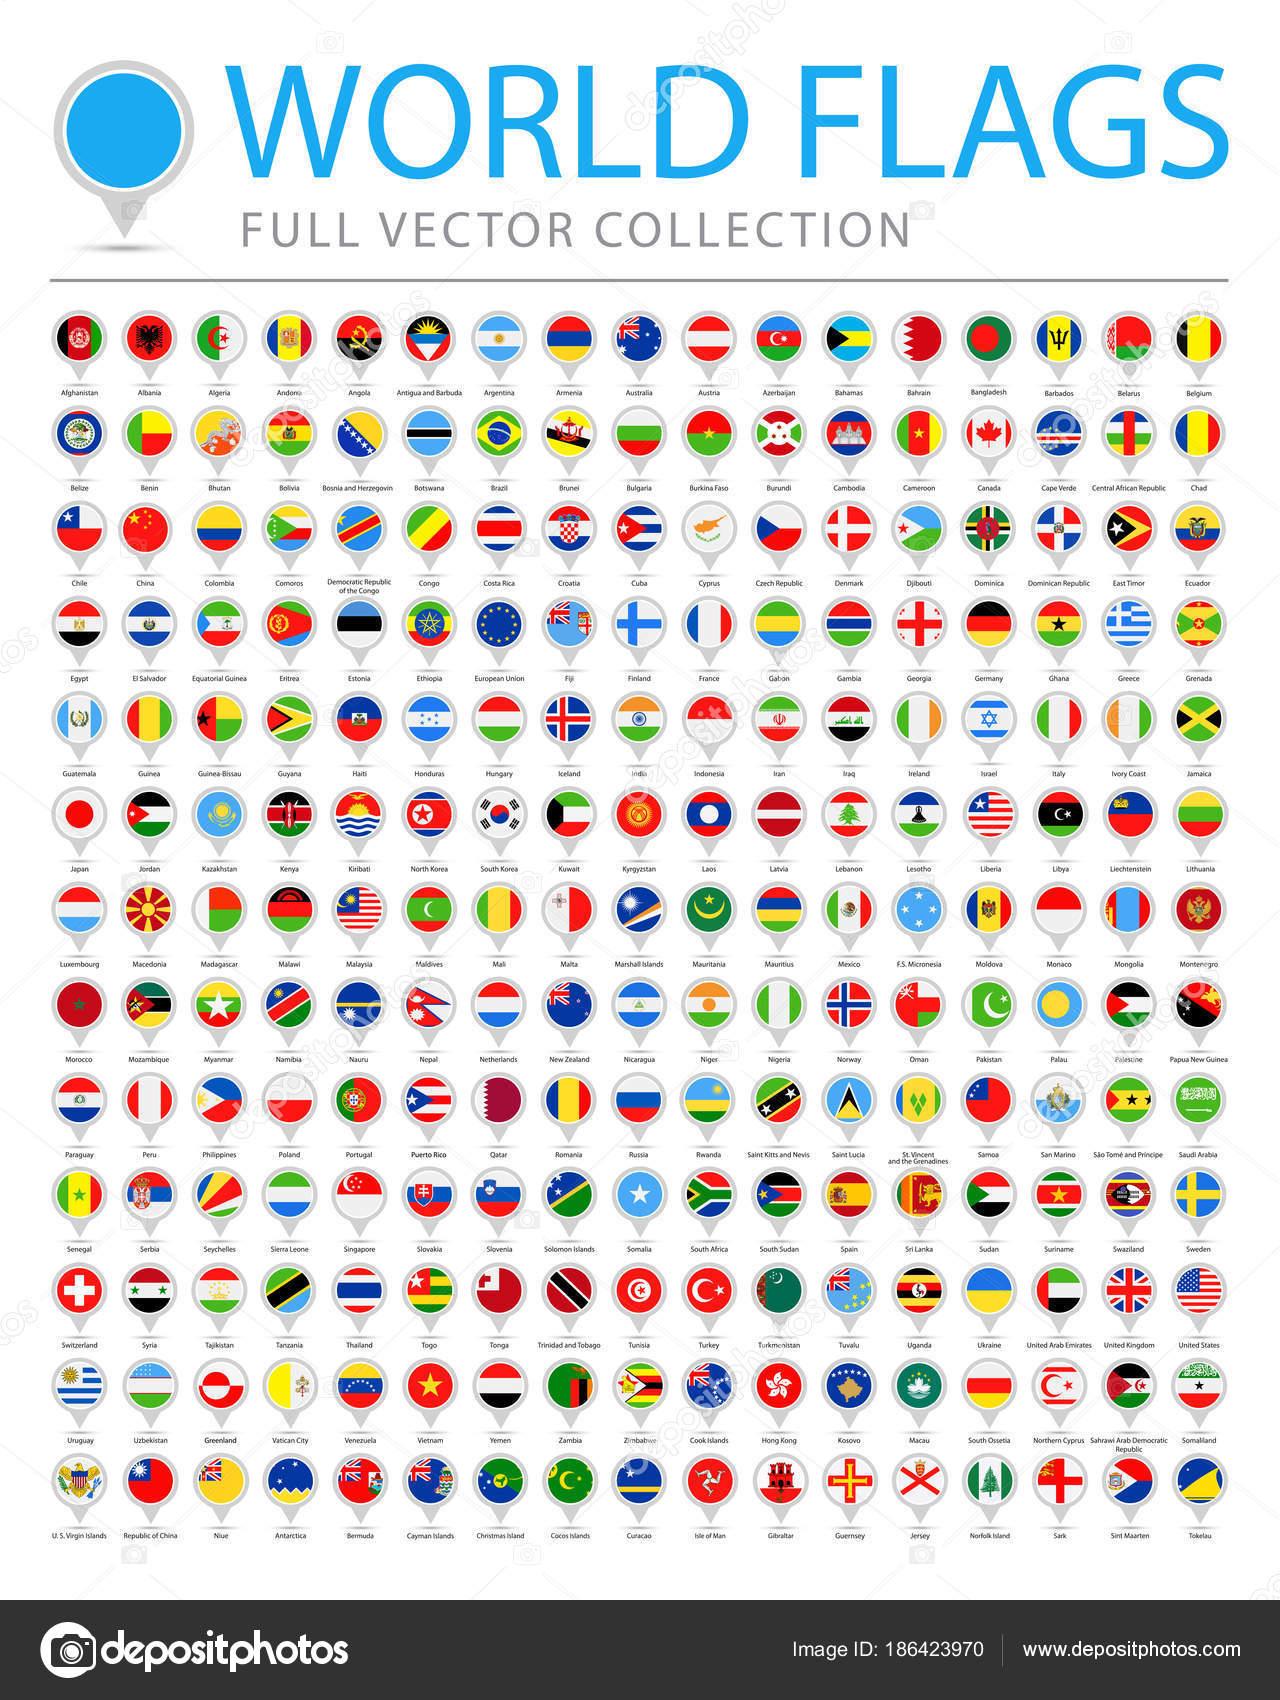 Imagenes de las banderas de todo el mundo